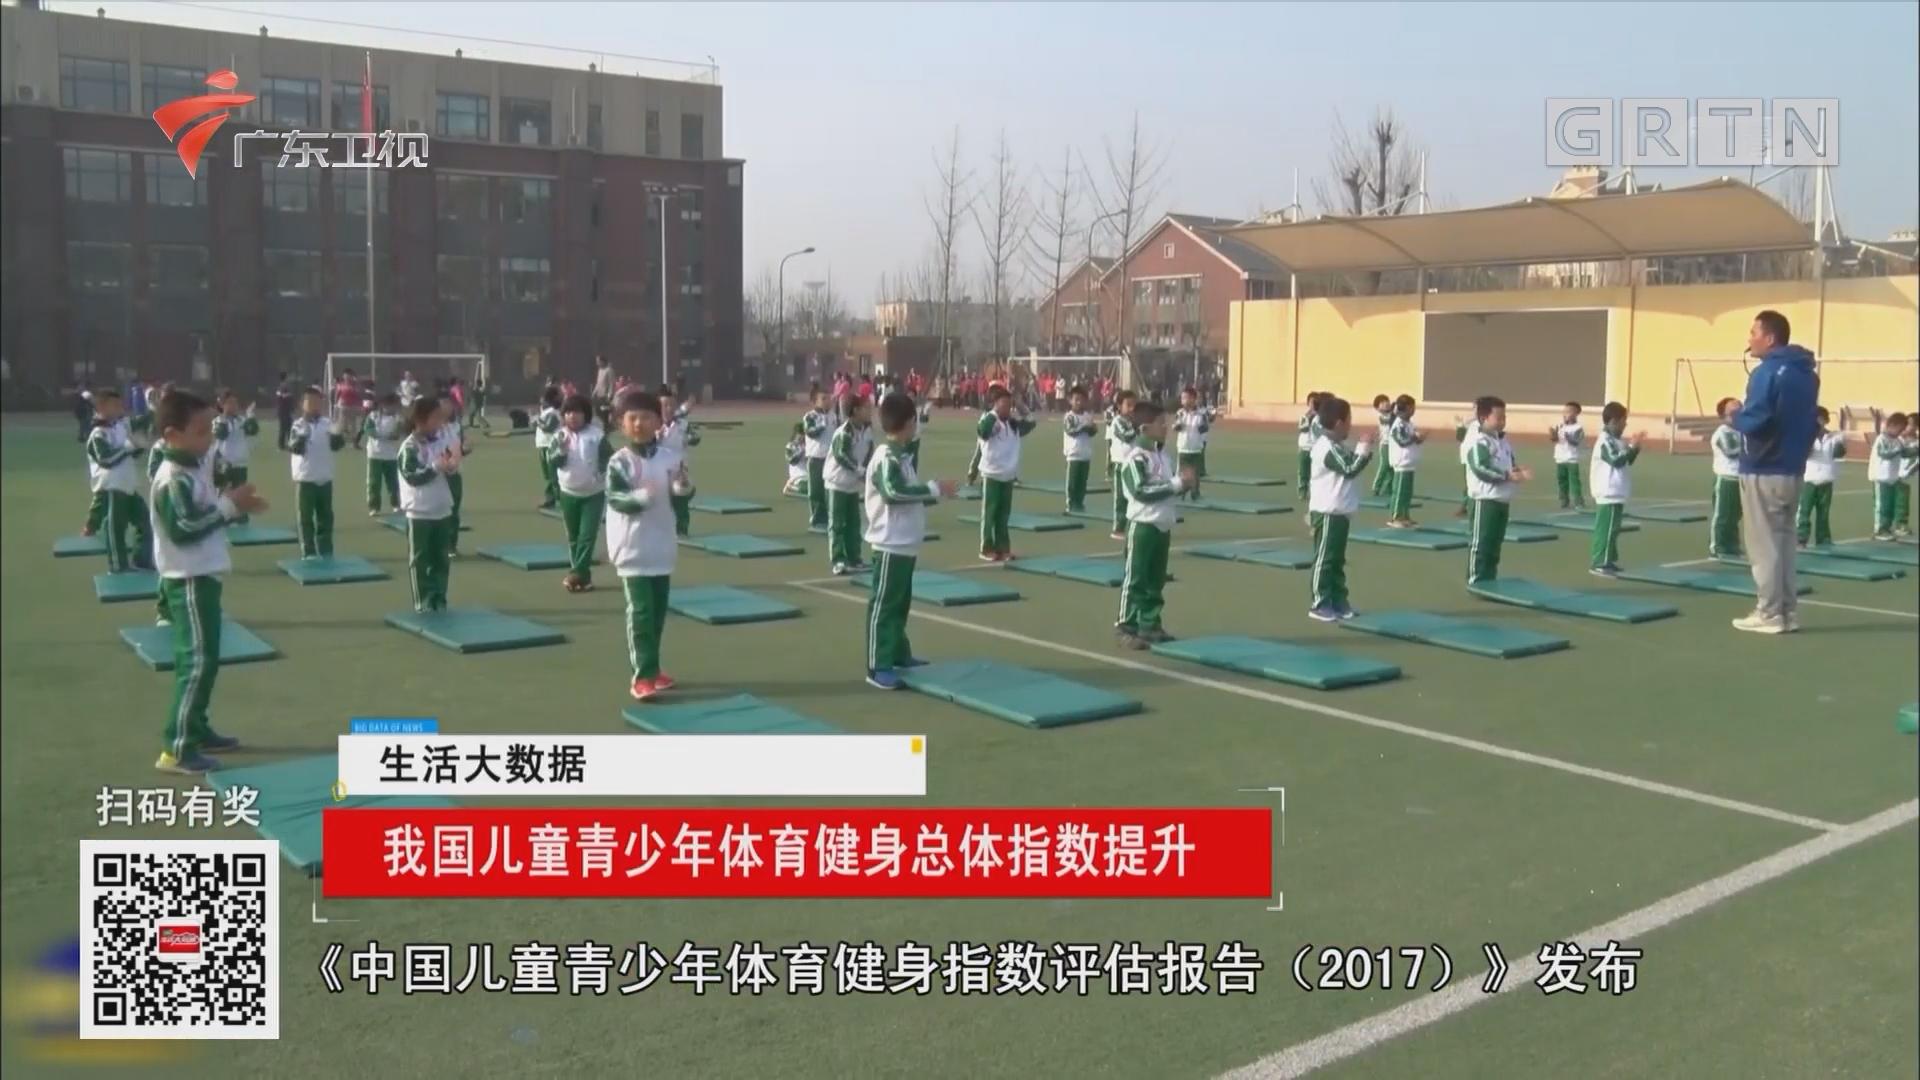 我国儿童青少年体育健身总体指数提升